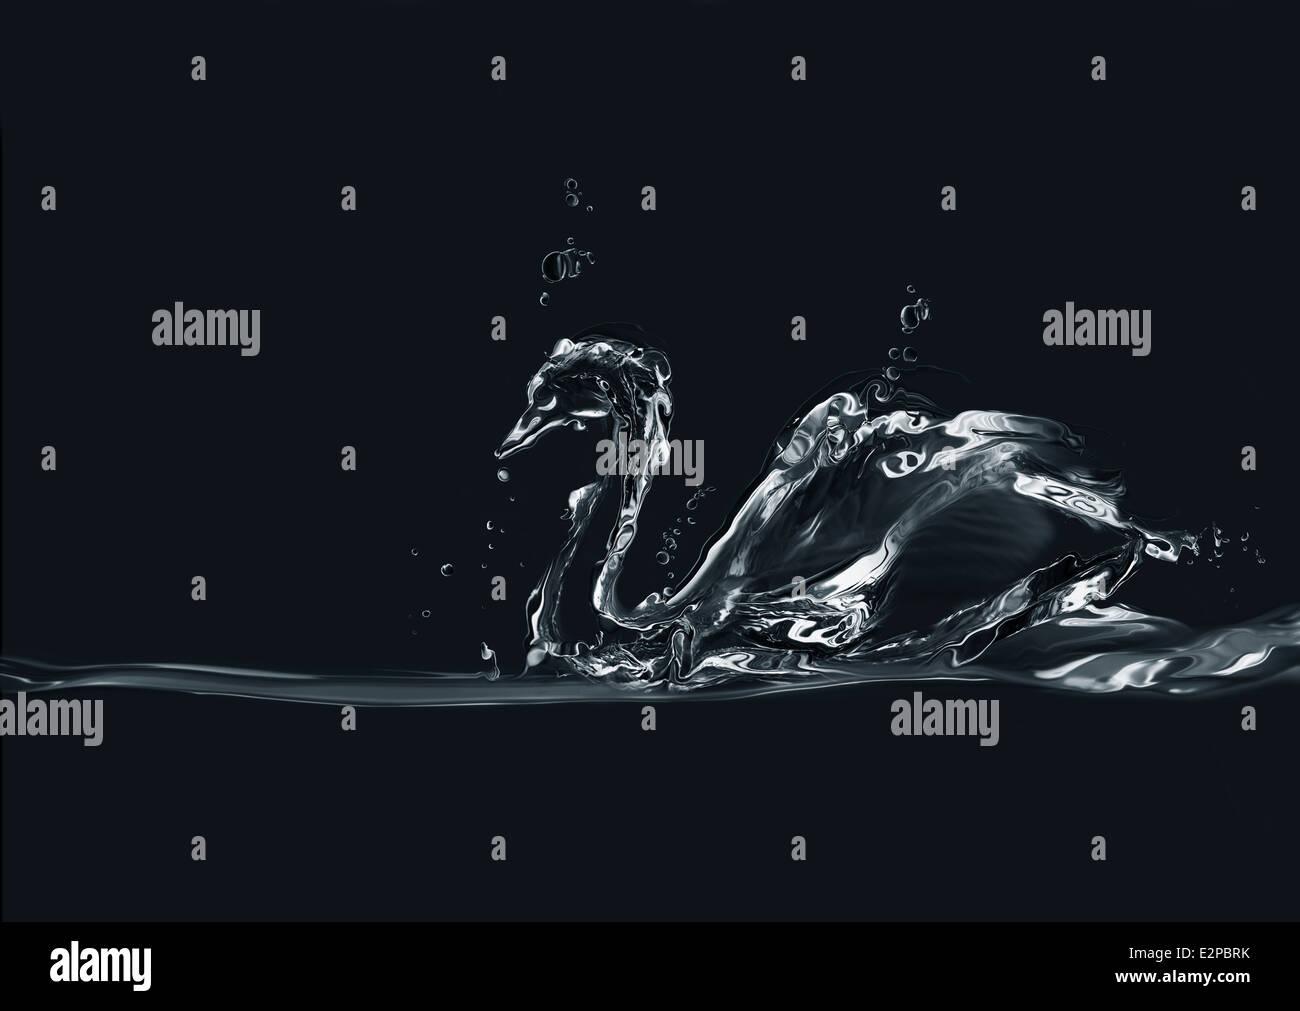 Una silhouette di un cigno fatto di acqua su sfondo nero. Immagini Stock